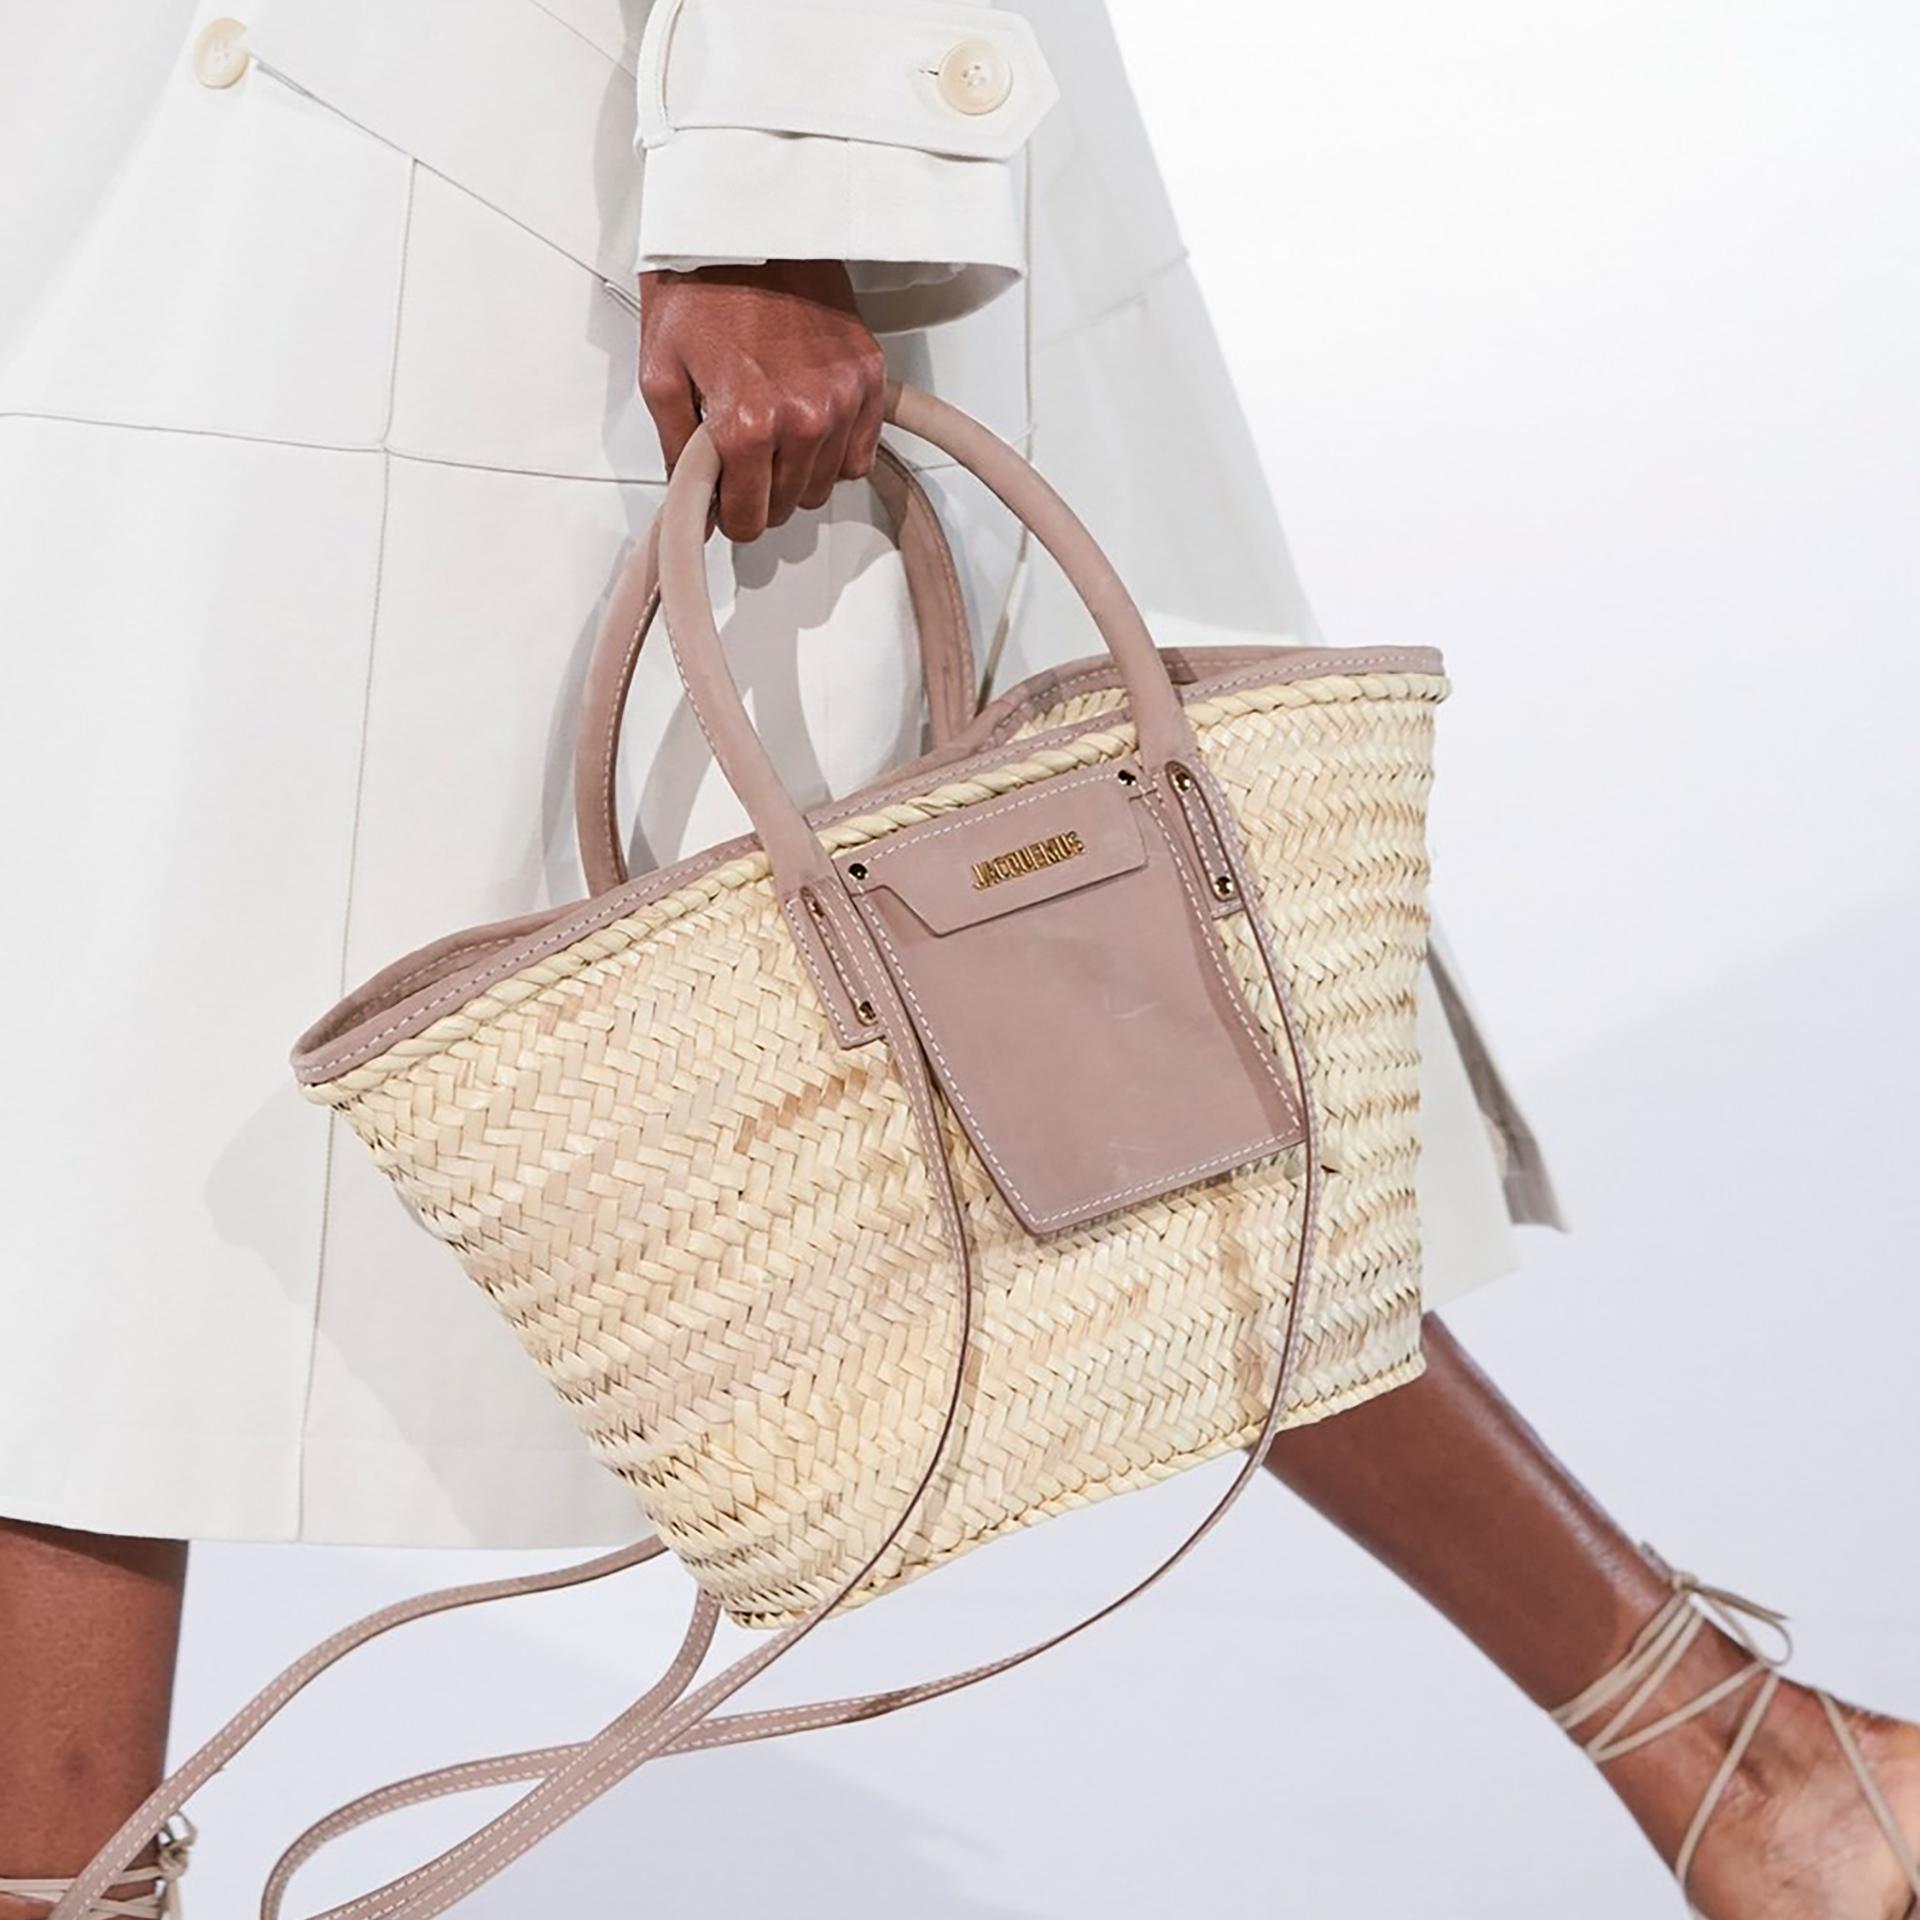 Spring designer handbag trends